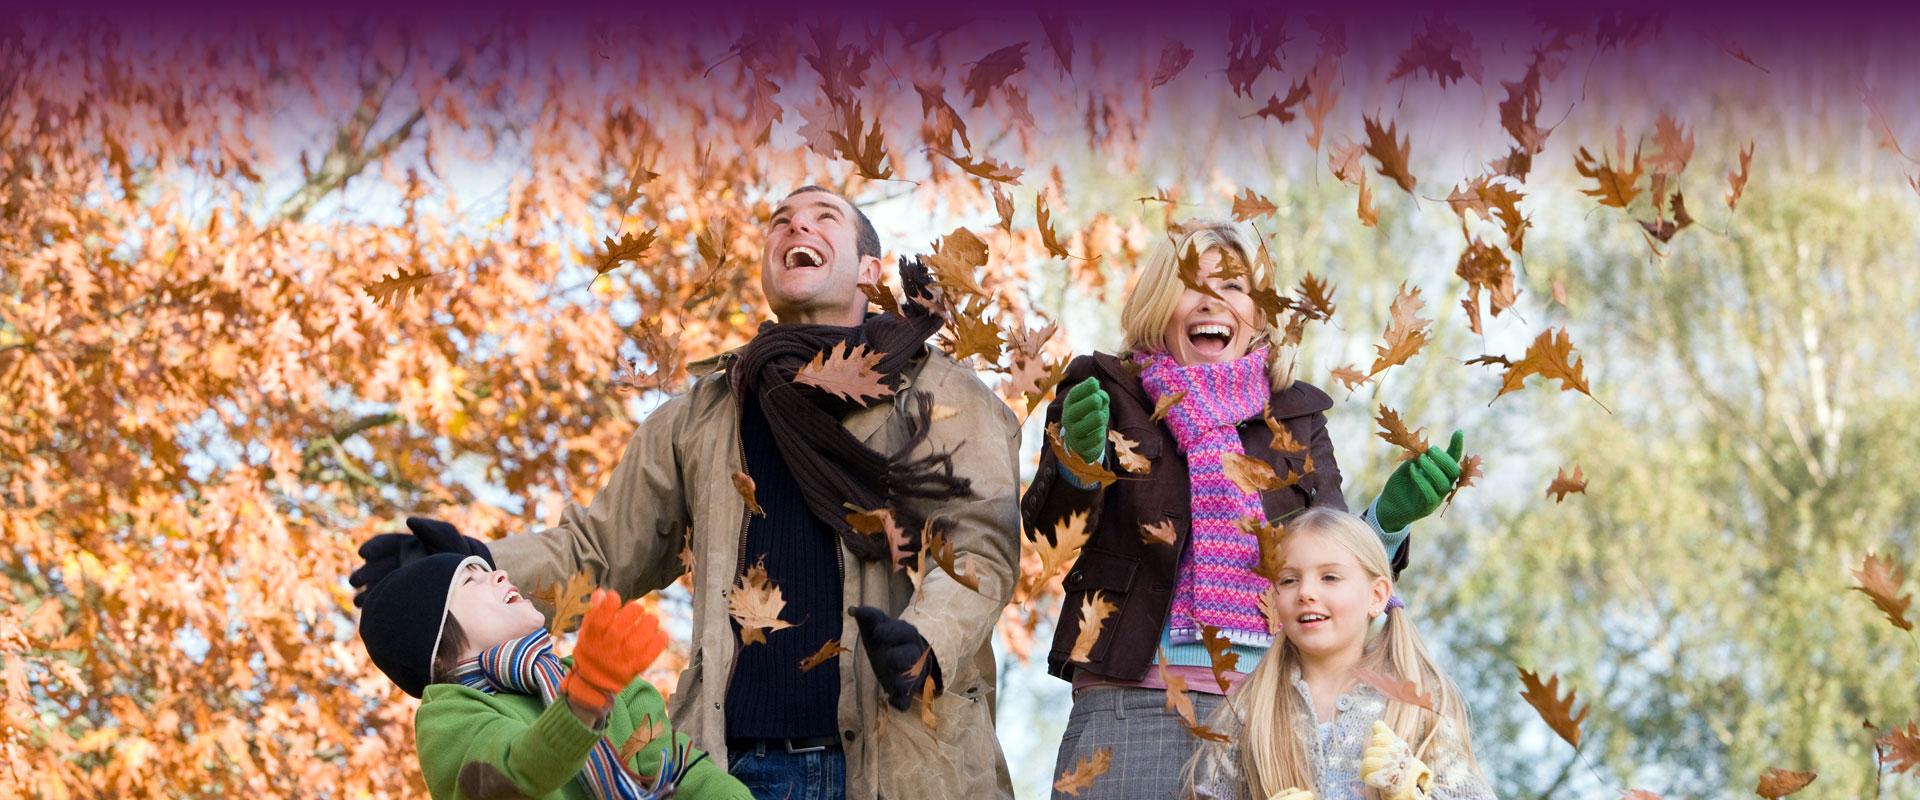 """""""Поход за семейството"""" - Семейство през есента"""